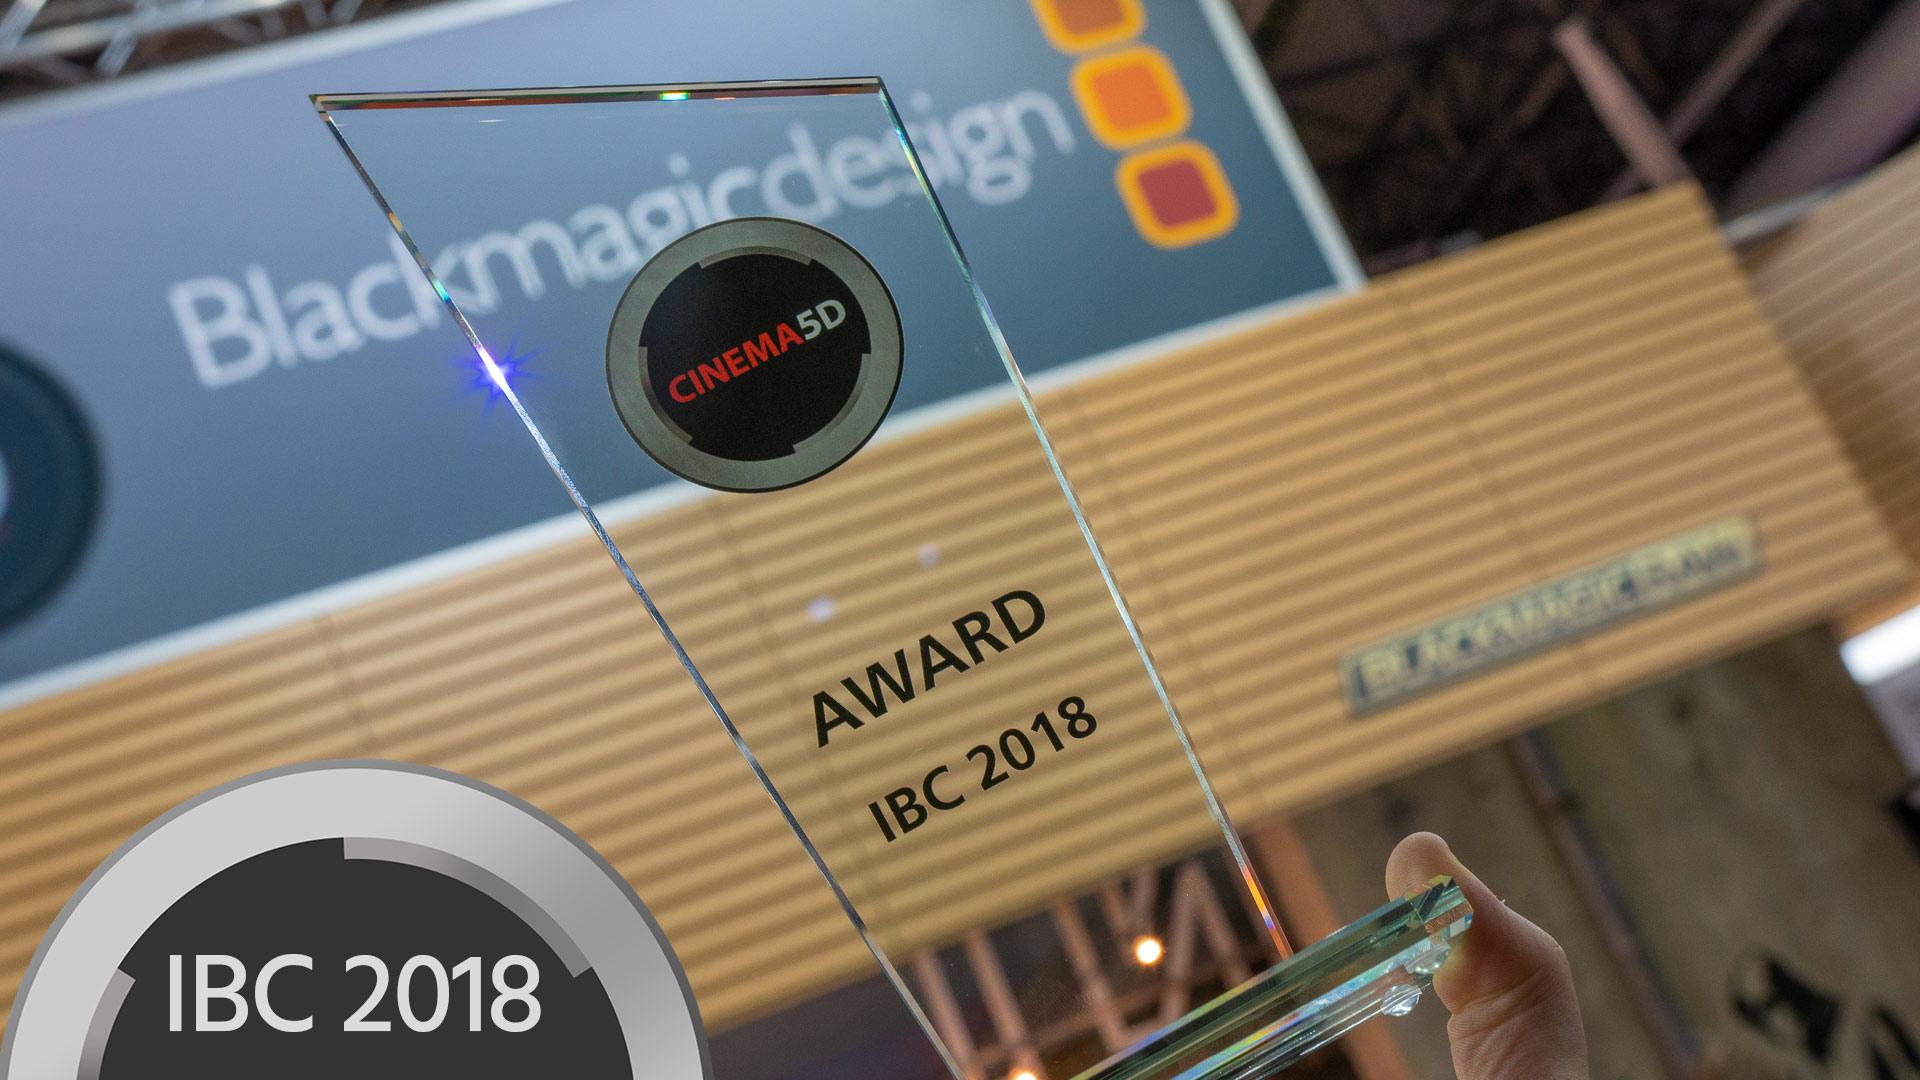 Blackmagic RAW gana el Premio a la Innovación Tecnológica de cinema5D en la IBC 2018